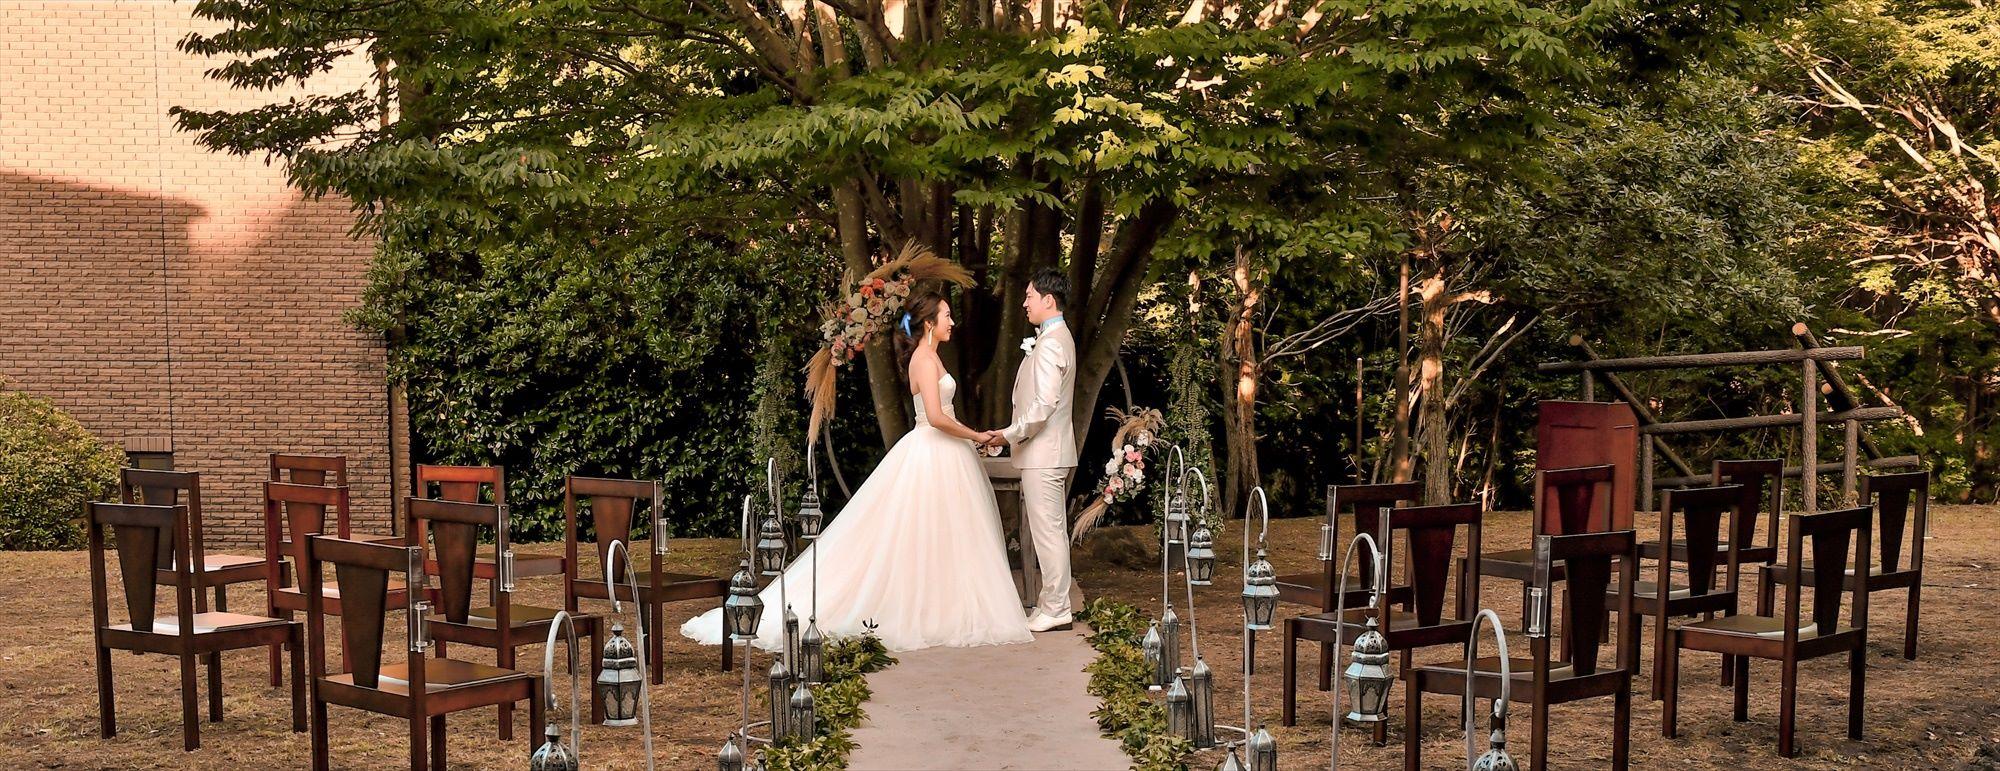 伊豆ガーデン・ウェディング Izu Private Garden Wedding Kaze no kanori MORI 伊豆バリ風リゾート挙式